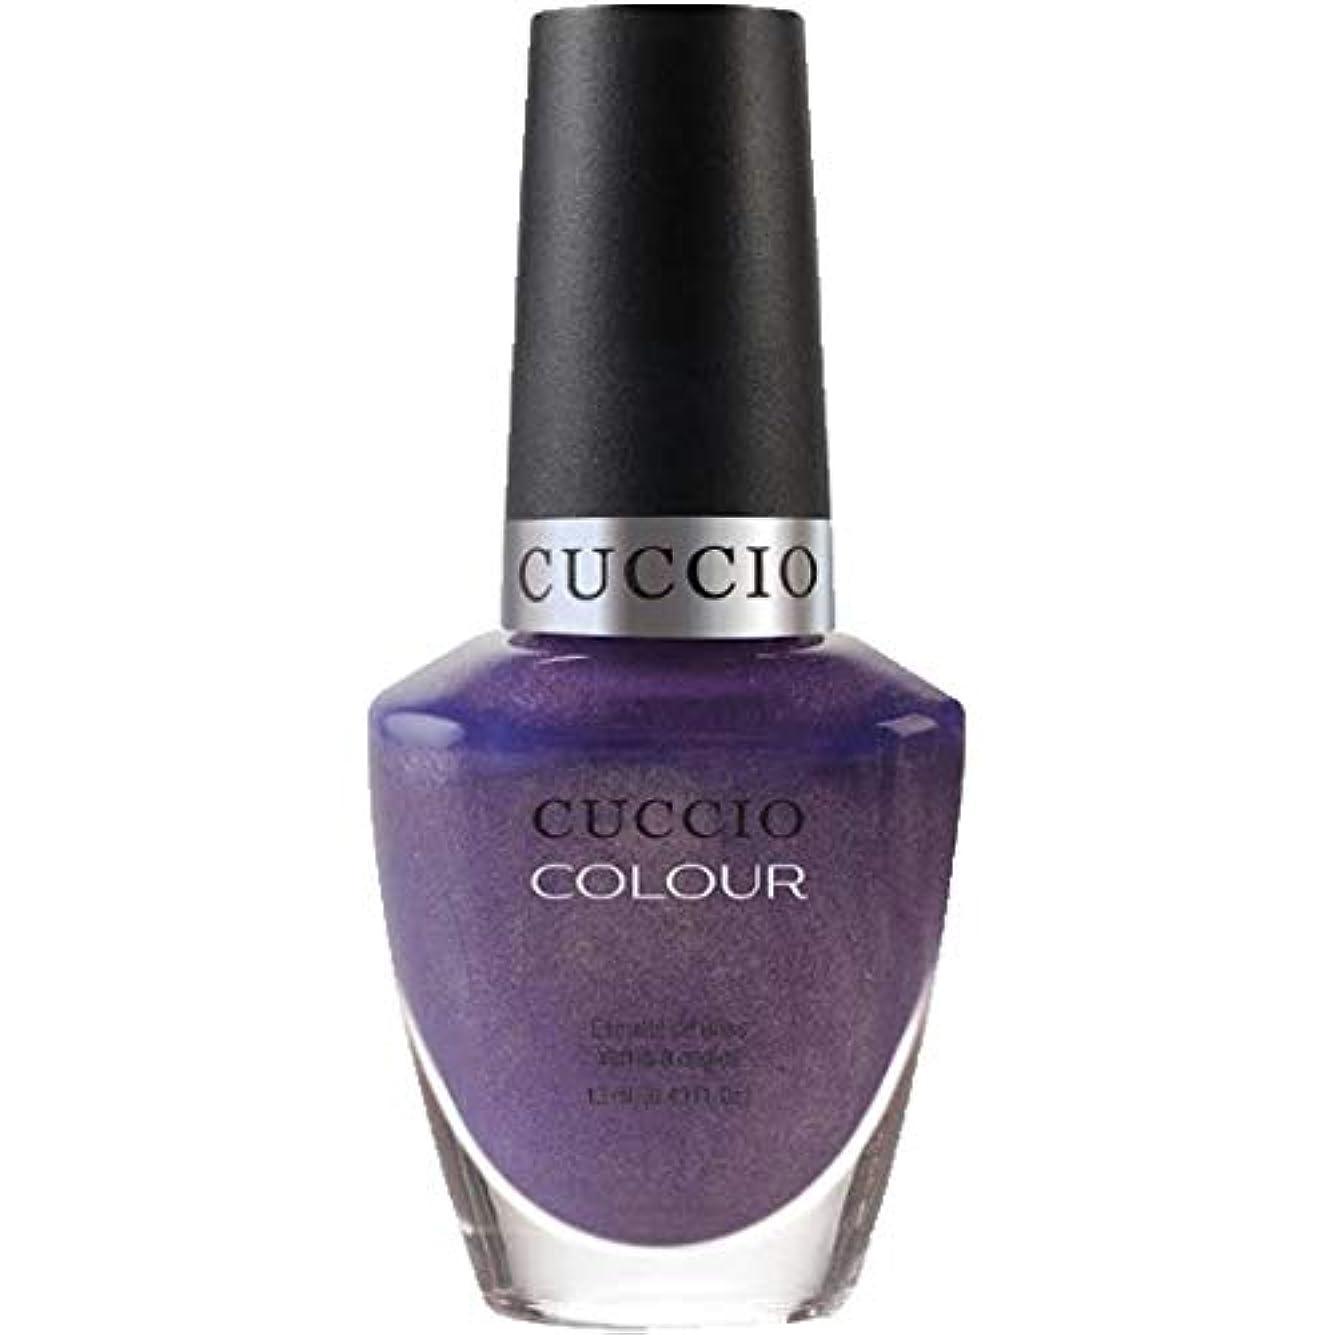 Cuccio Colour Gloss Lacquer - Touch of Evil - 0.43oz / 13ml